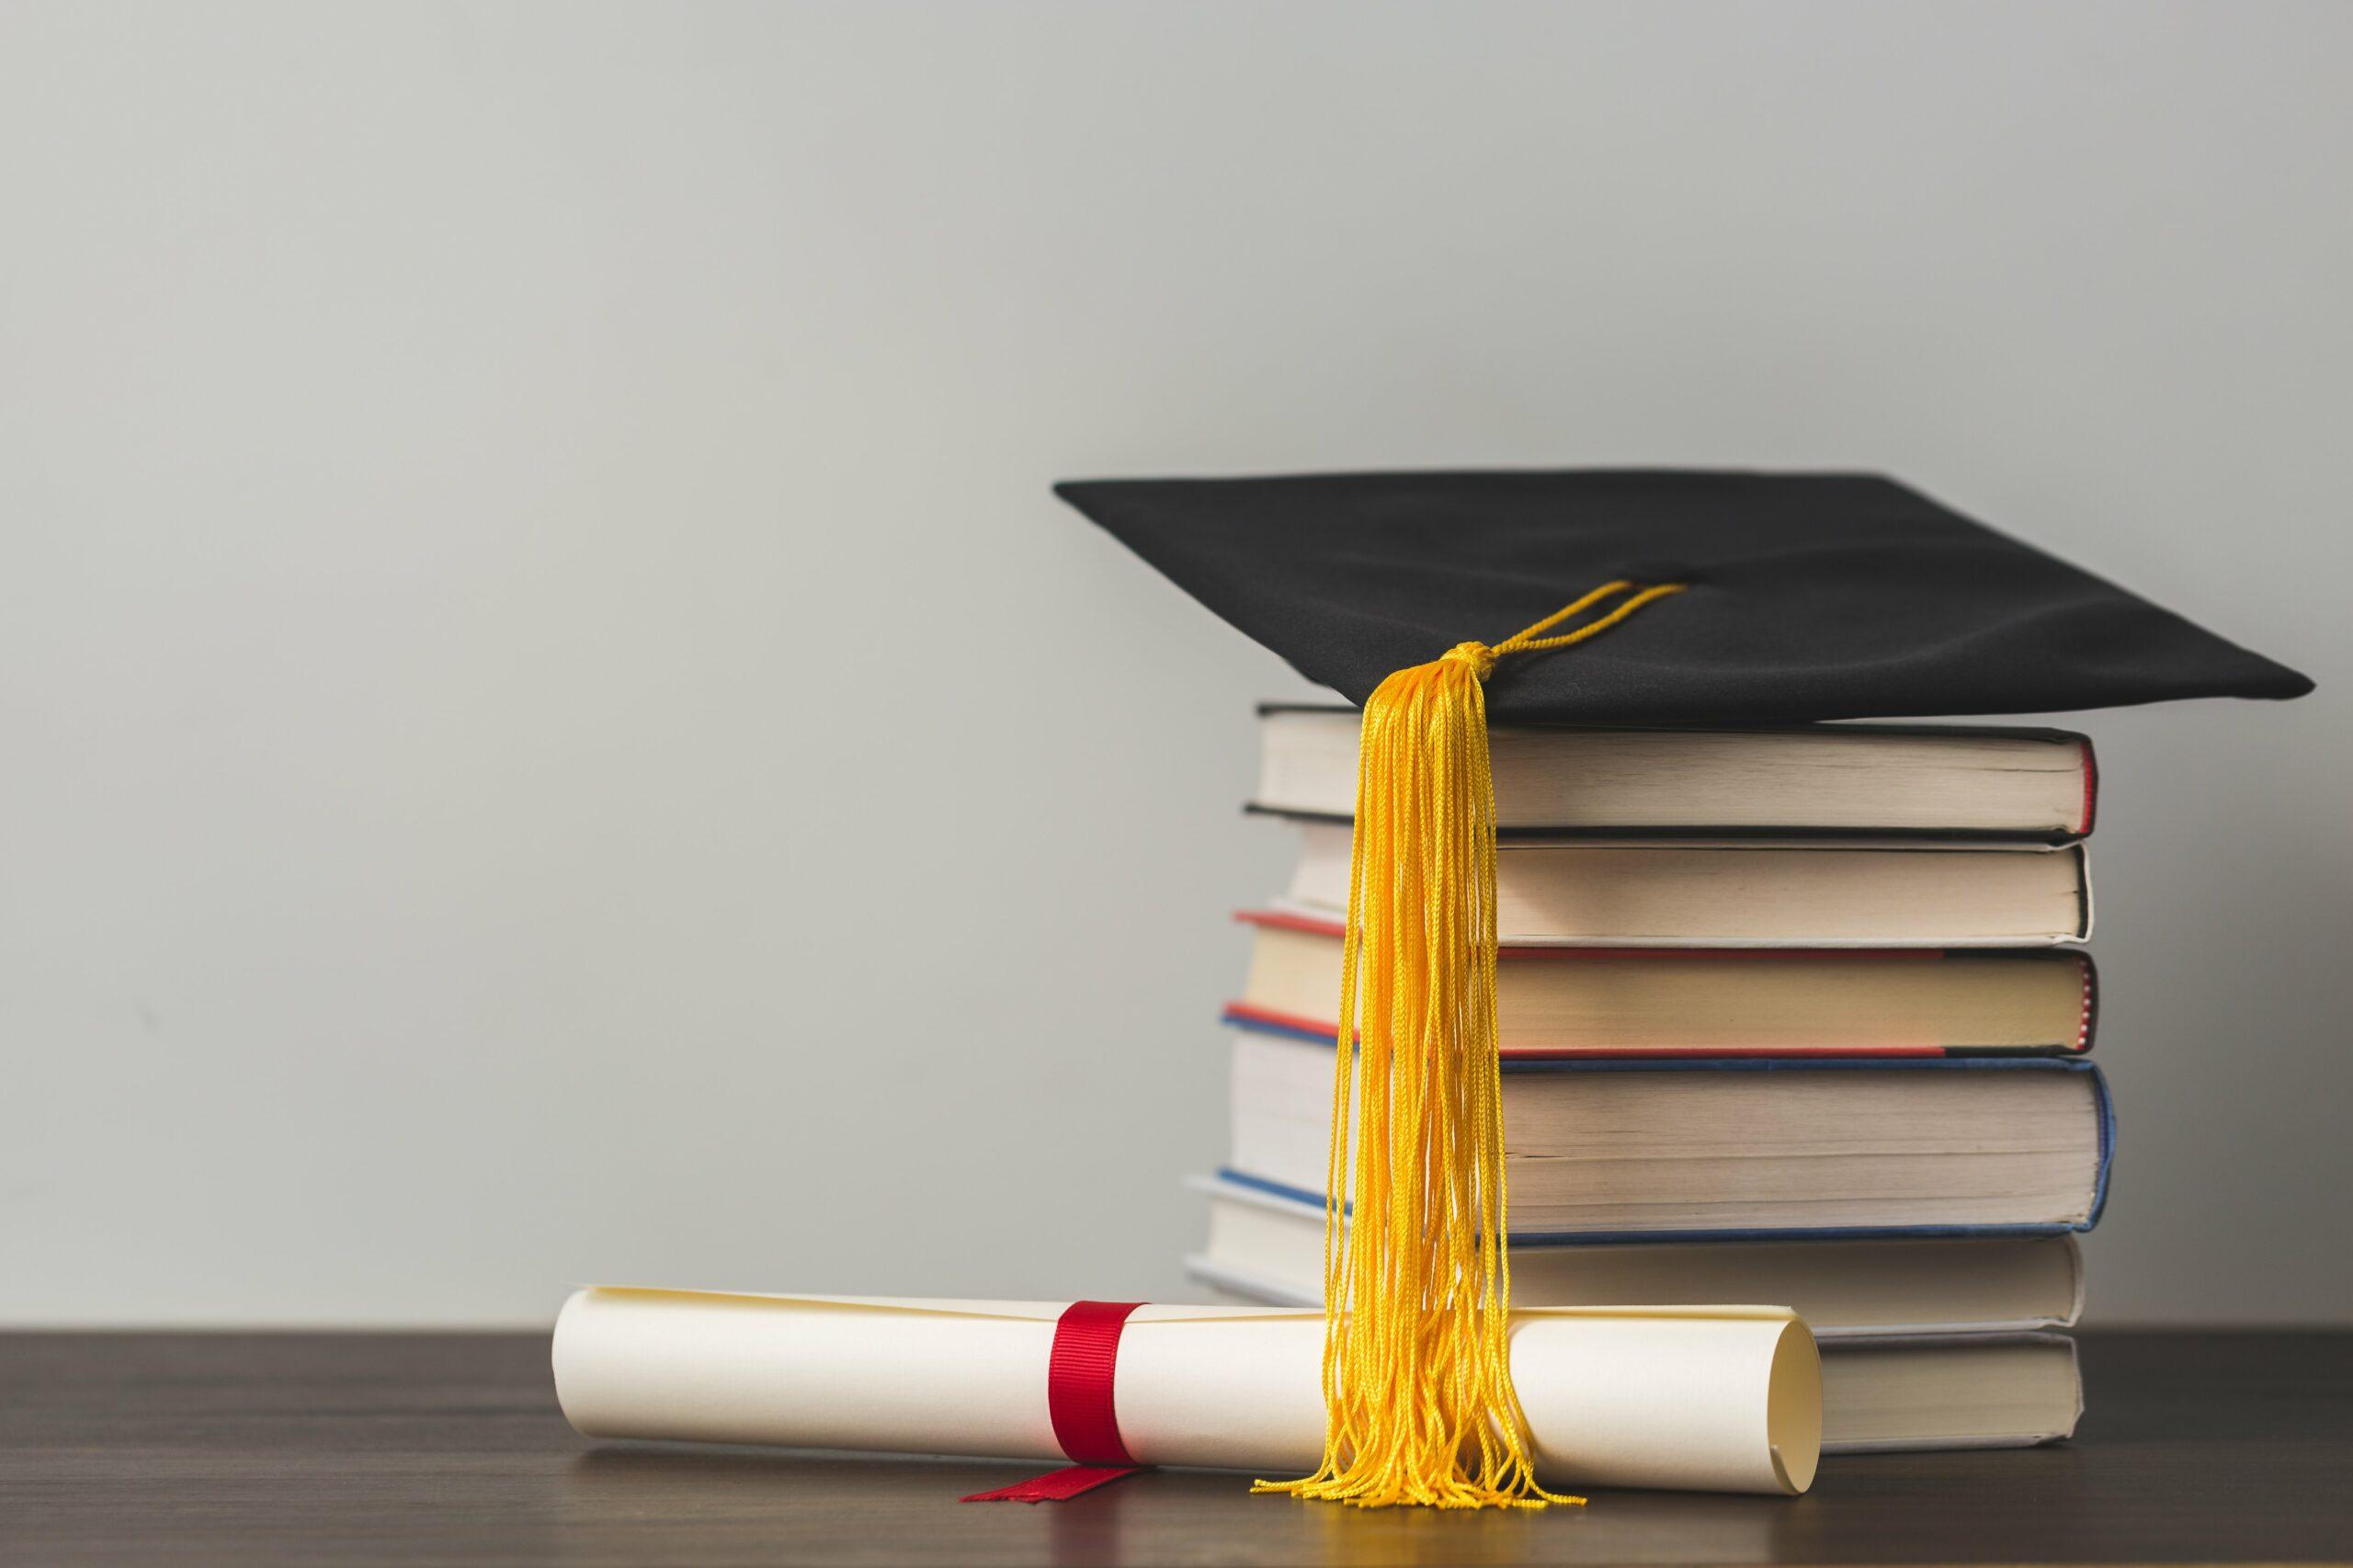 Tesi di laurea: come superare gli ostacoli?